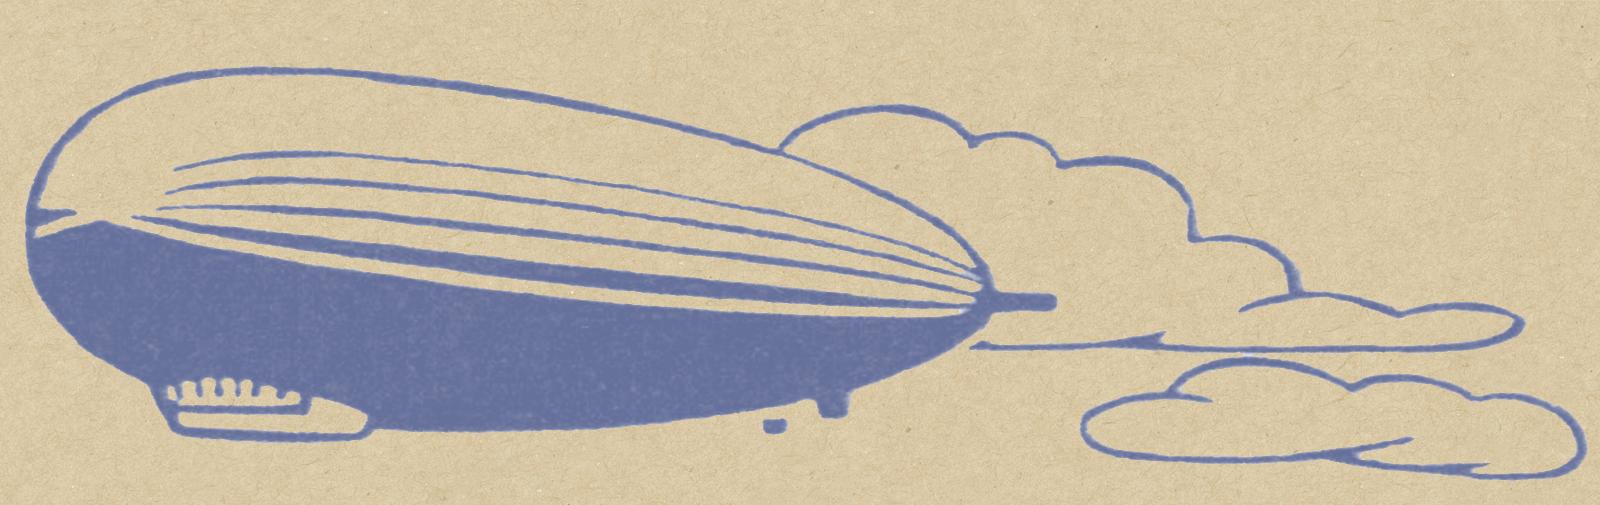 dwarfish Zeppelin